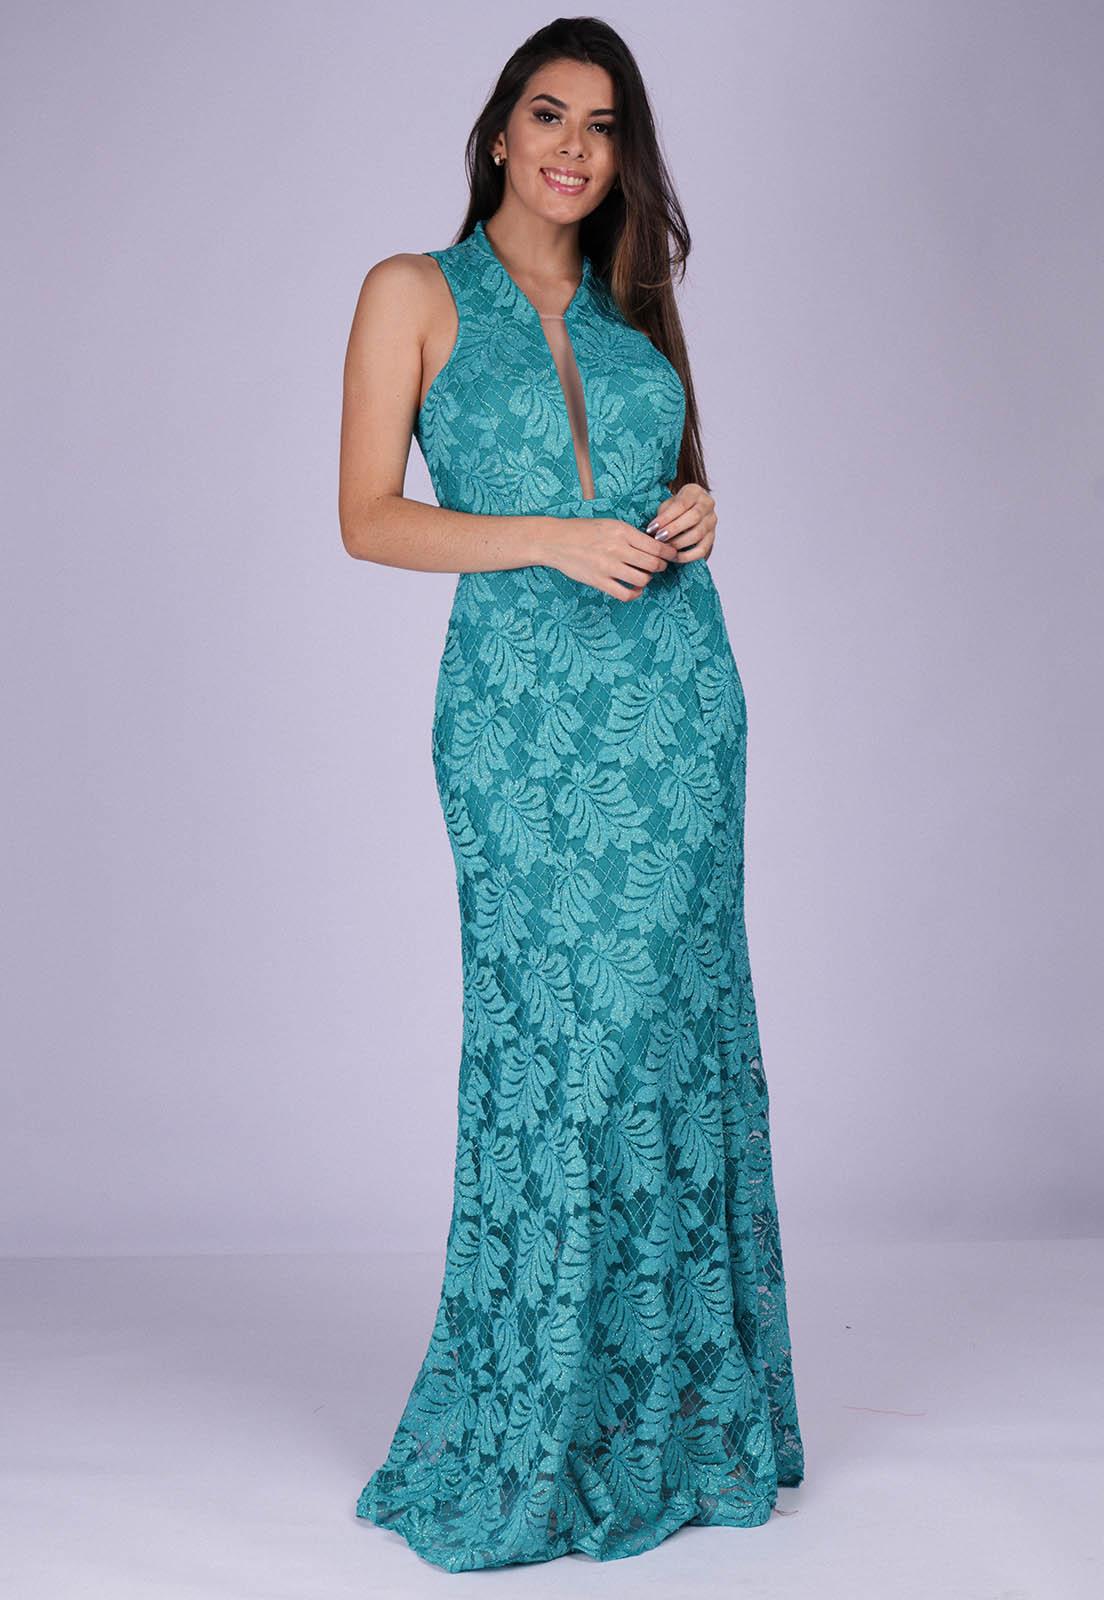 Vestido Longo de Festa com Fenda Rendado Azul Turquesa